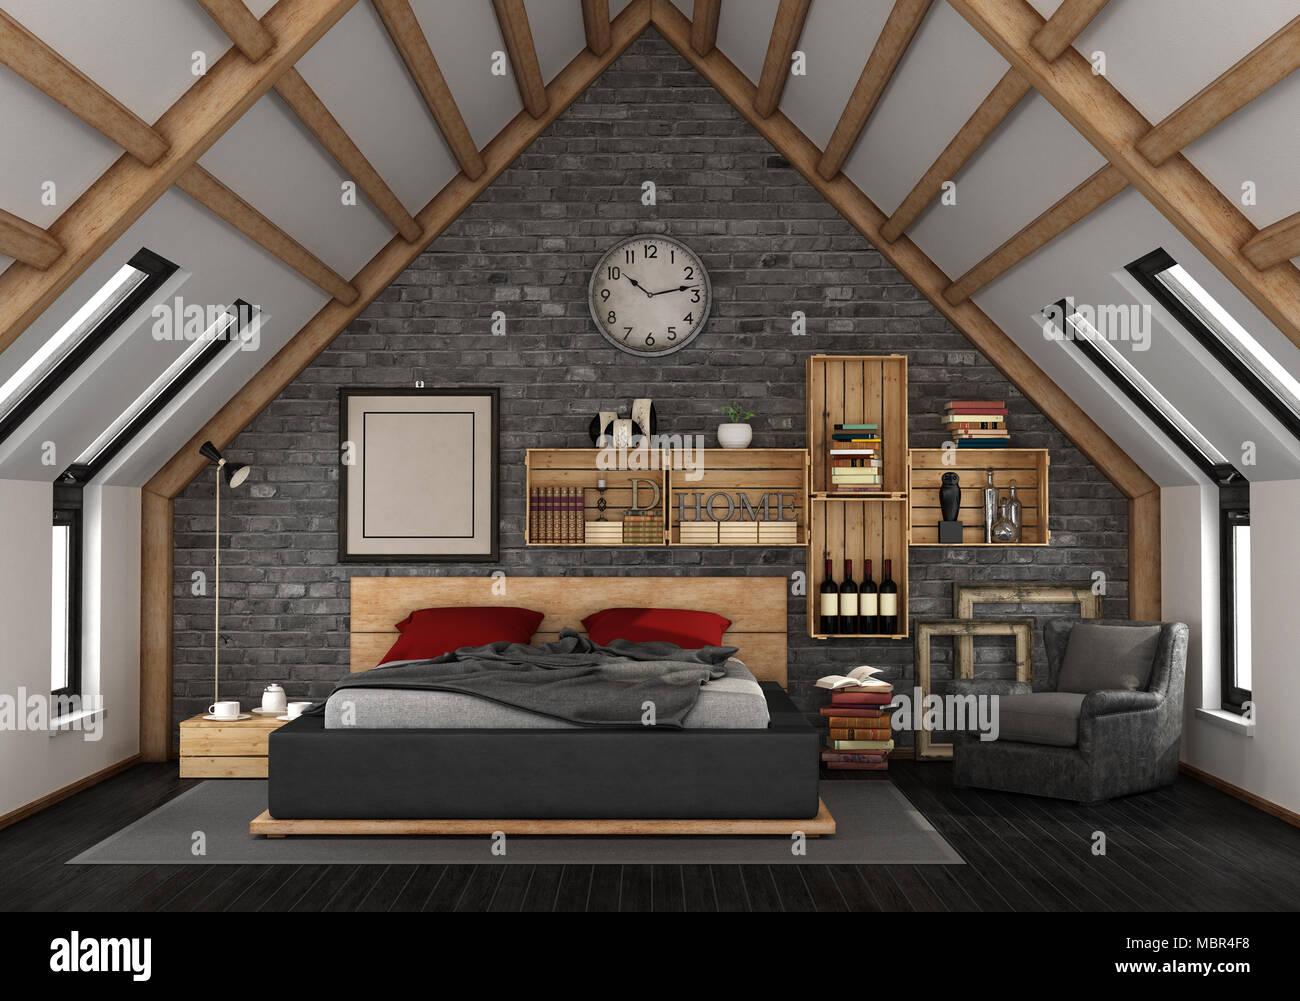 Camera Da Letto Rustico : Mansarda con camera da letto matrimoniale in stile rustico 3d